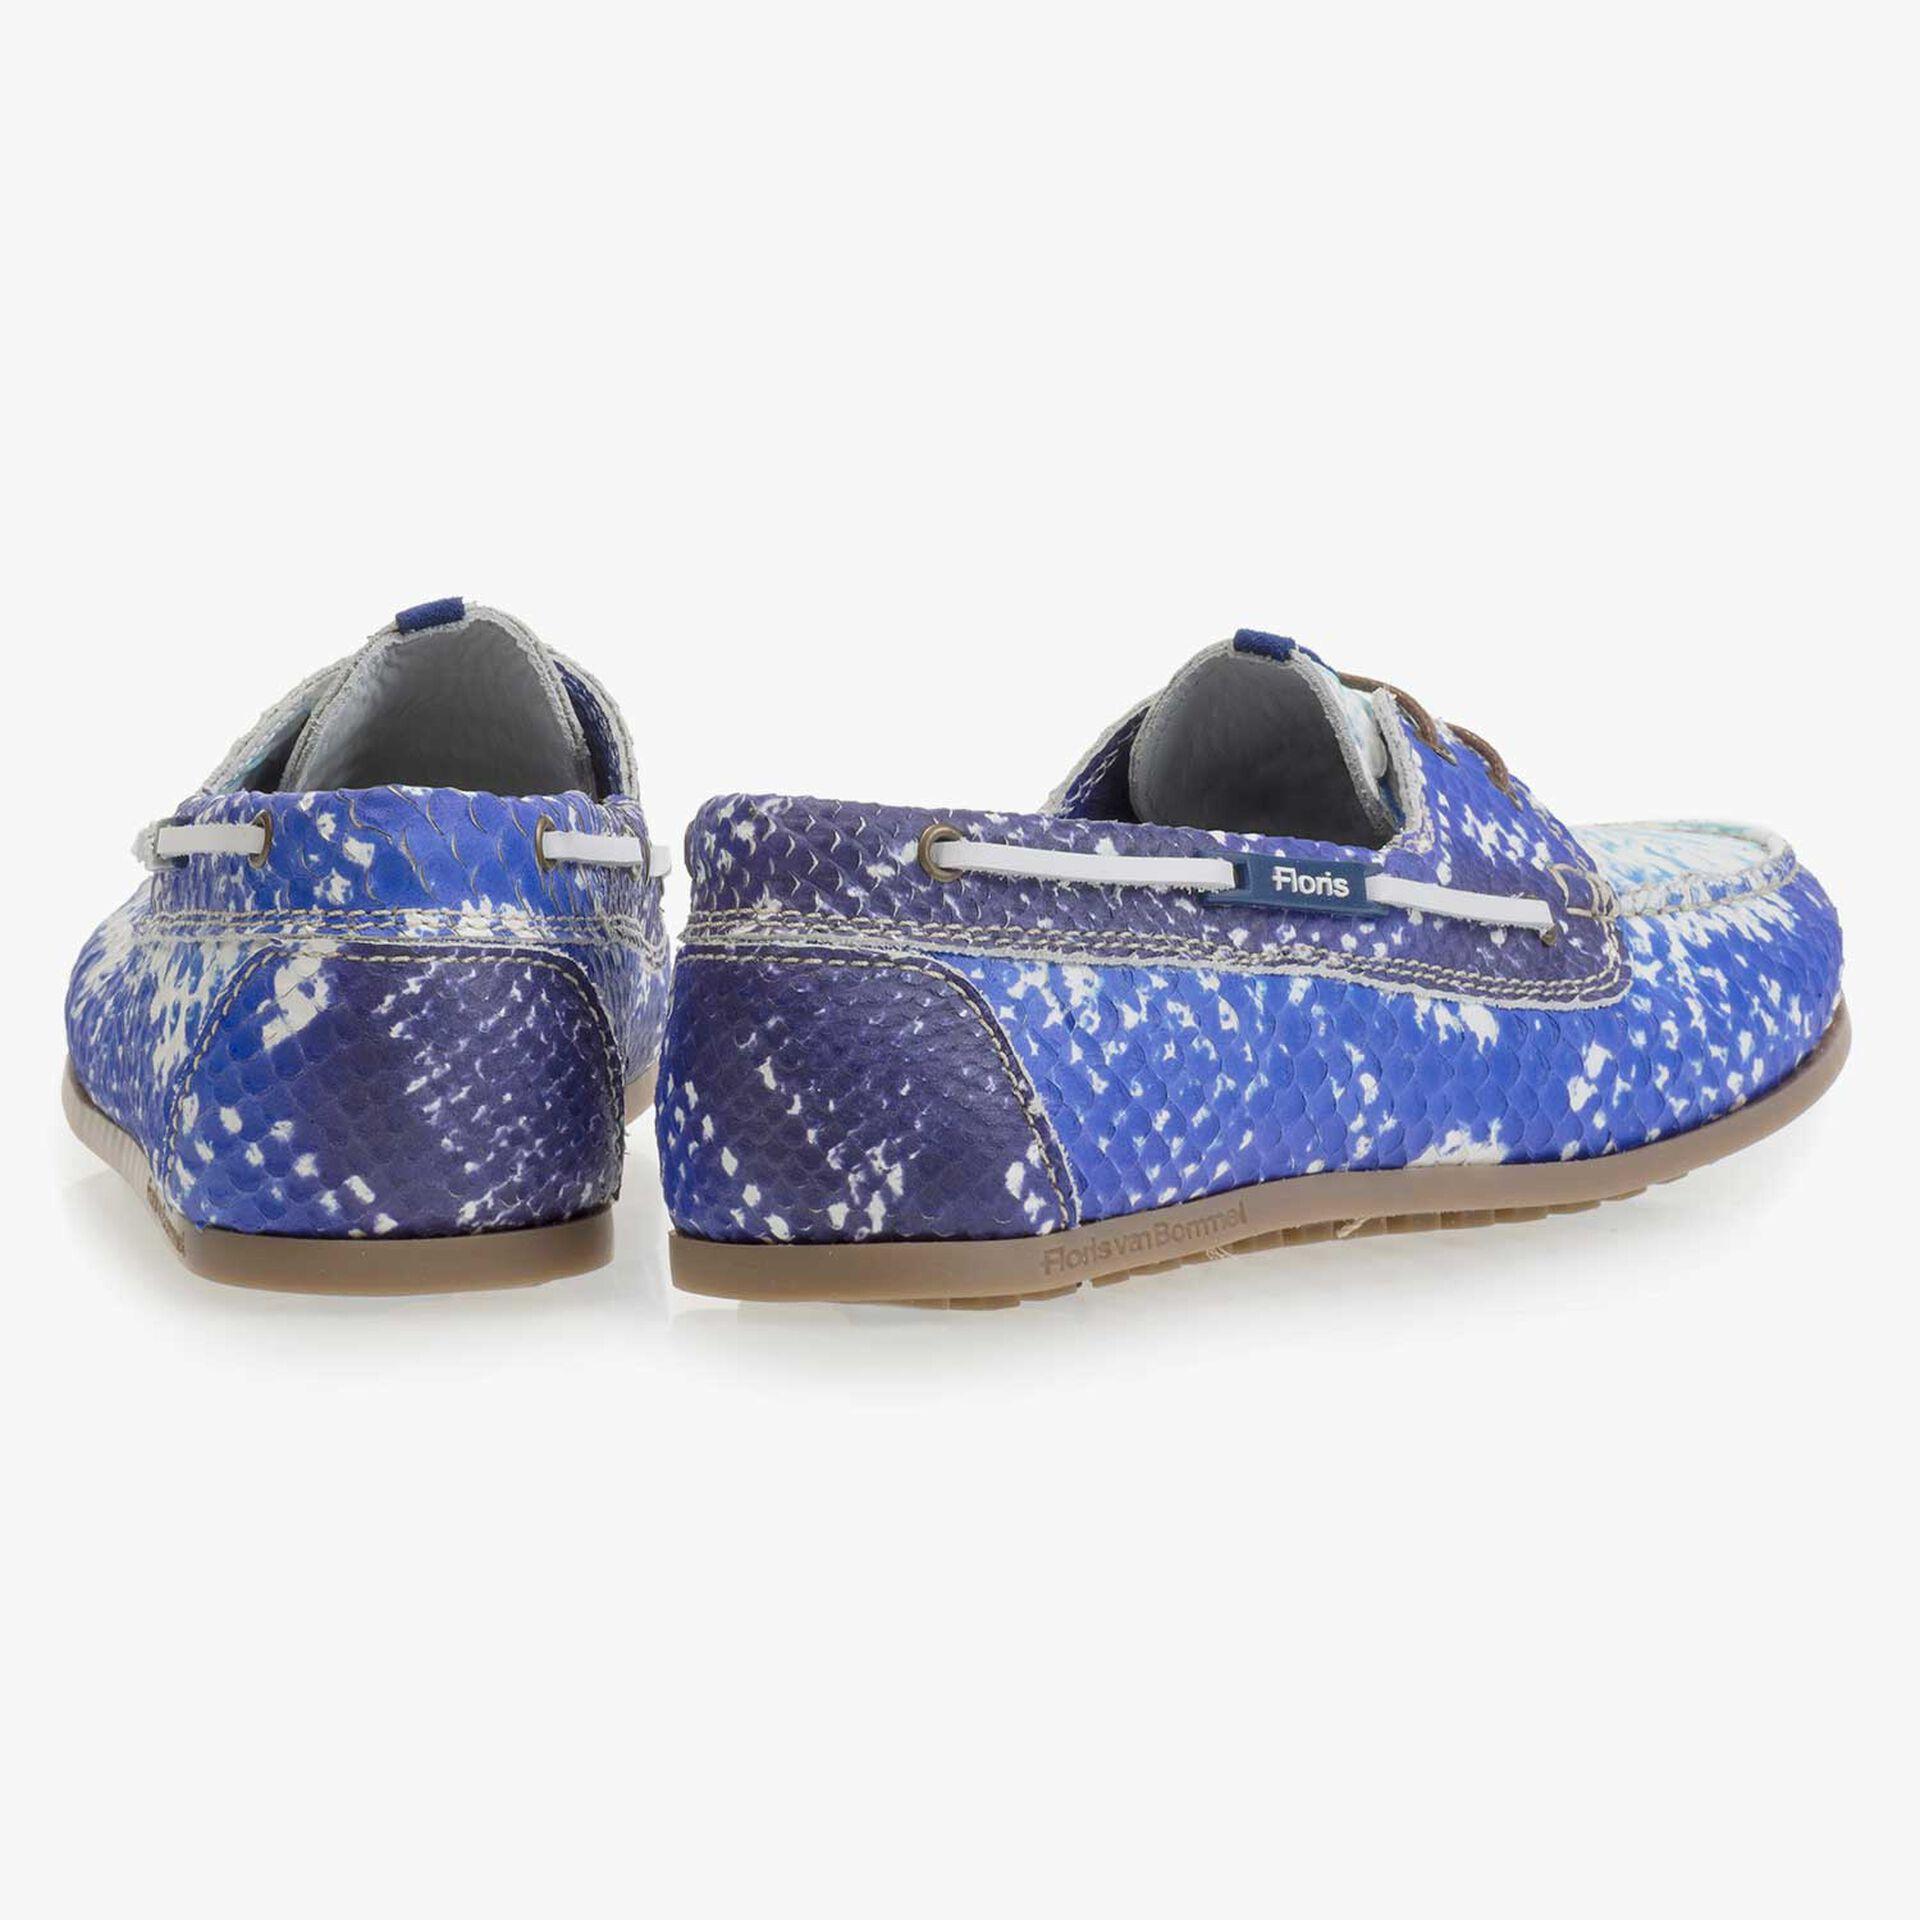 Blauwe leren bootschoen met snakeprint